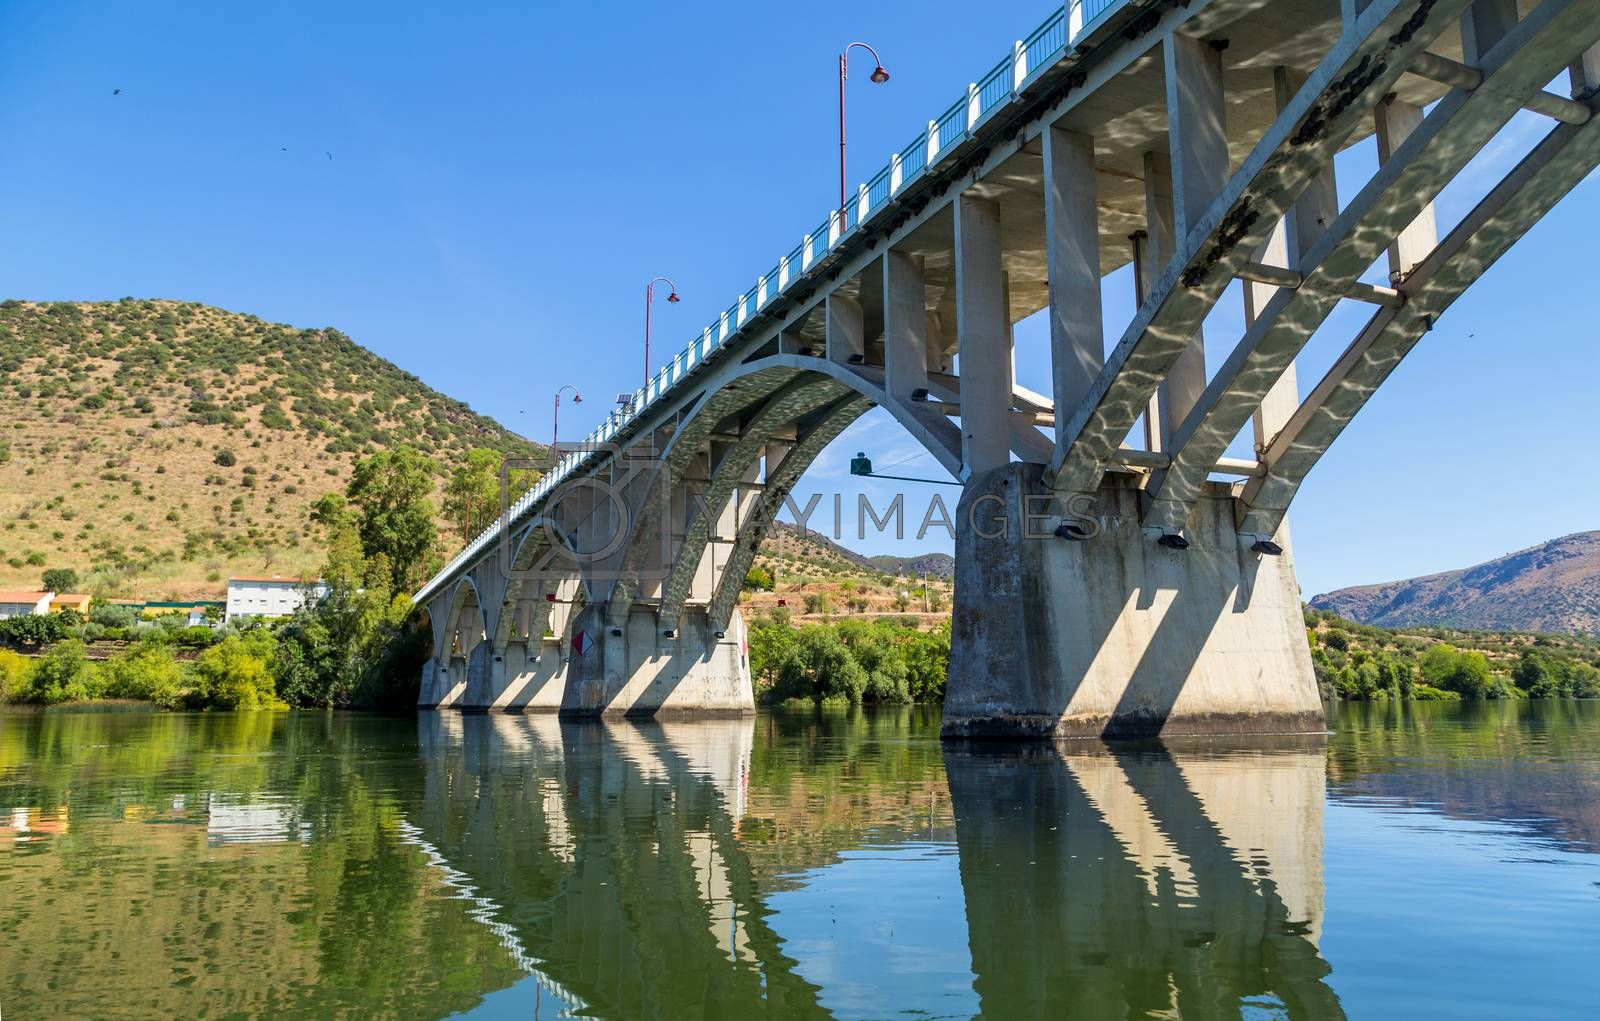 Bridge Almirante Sarmento Rodrigues, the first highway bridge on the Portuguese section of the Douro River, in Barca de Alva, near the Spanish border